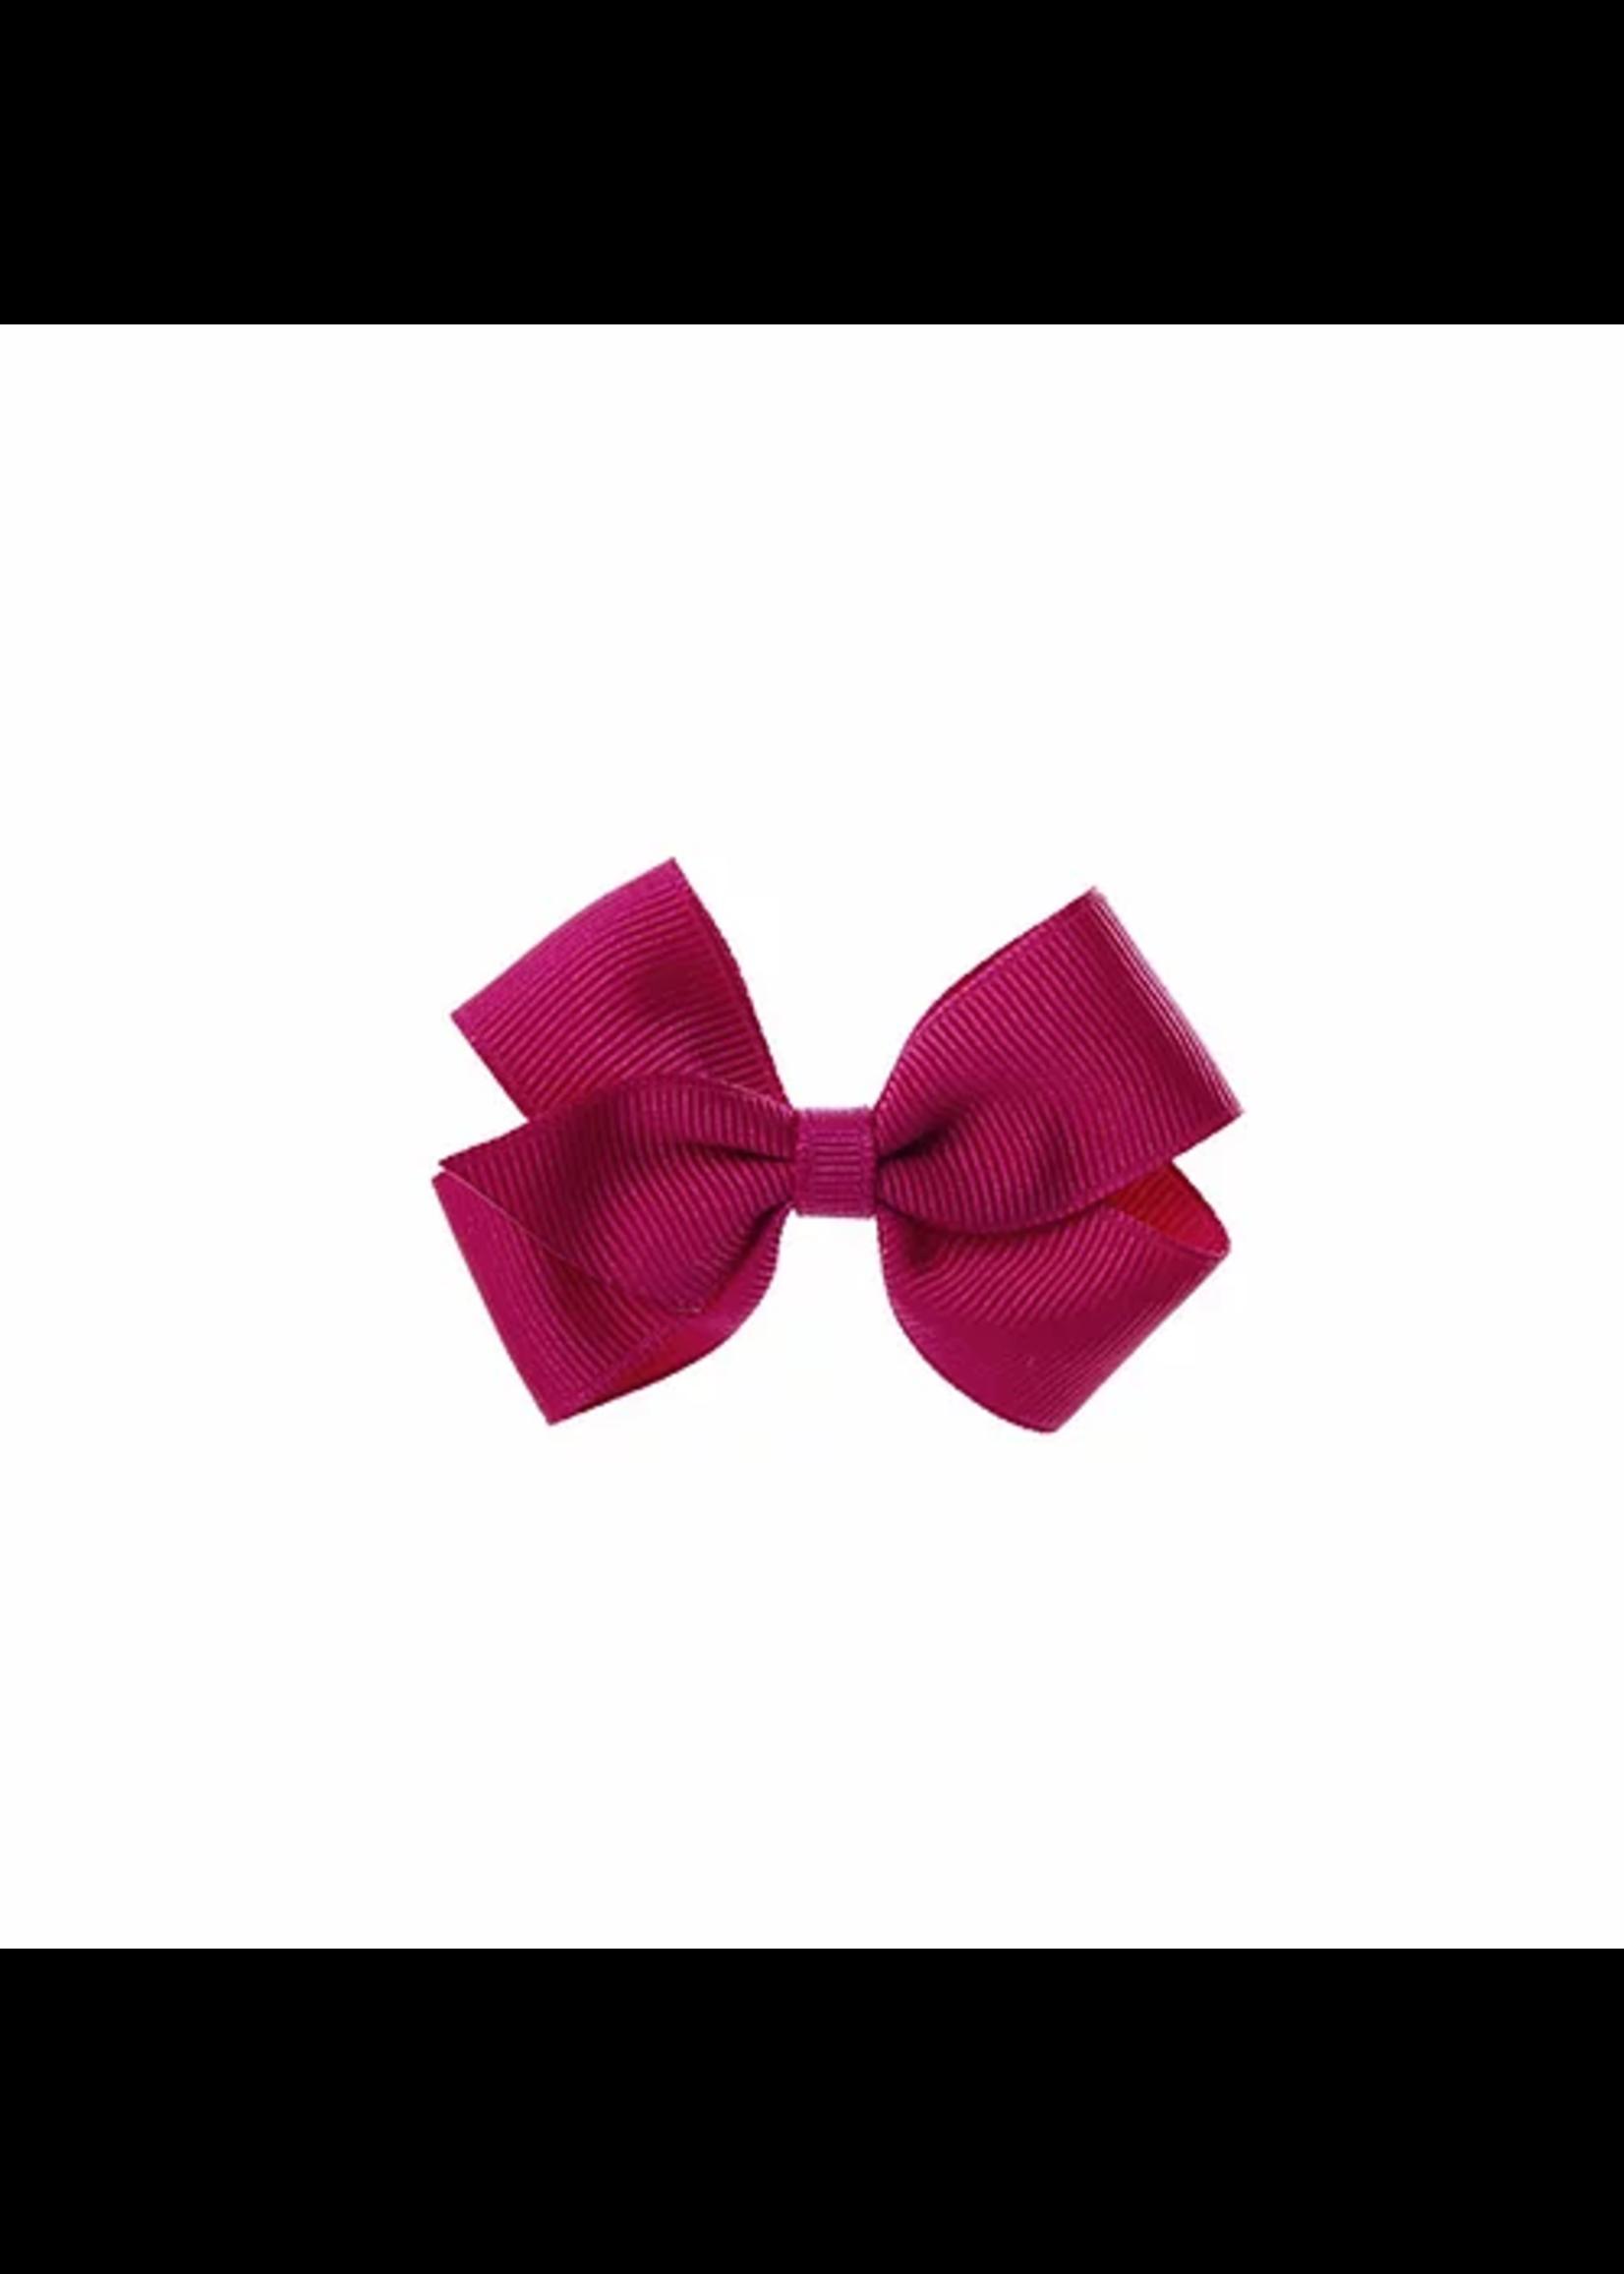 Olilia Small London Bow (Fuchsia)